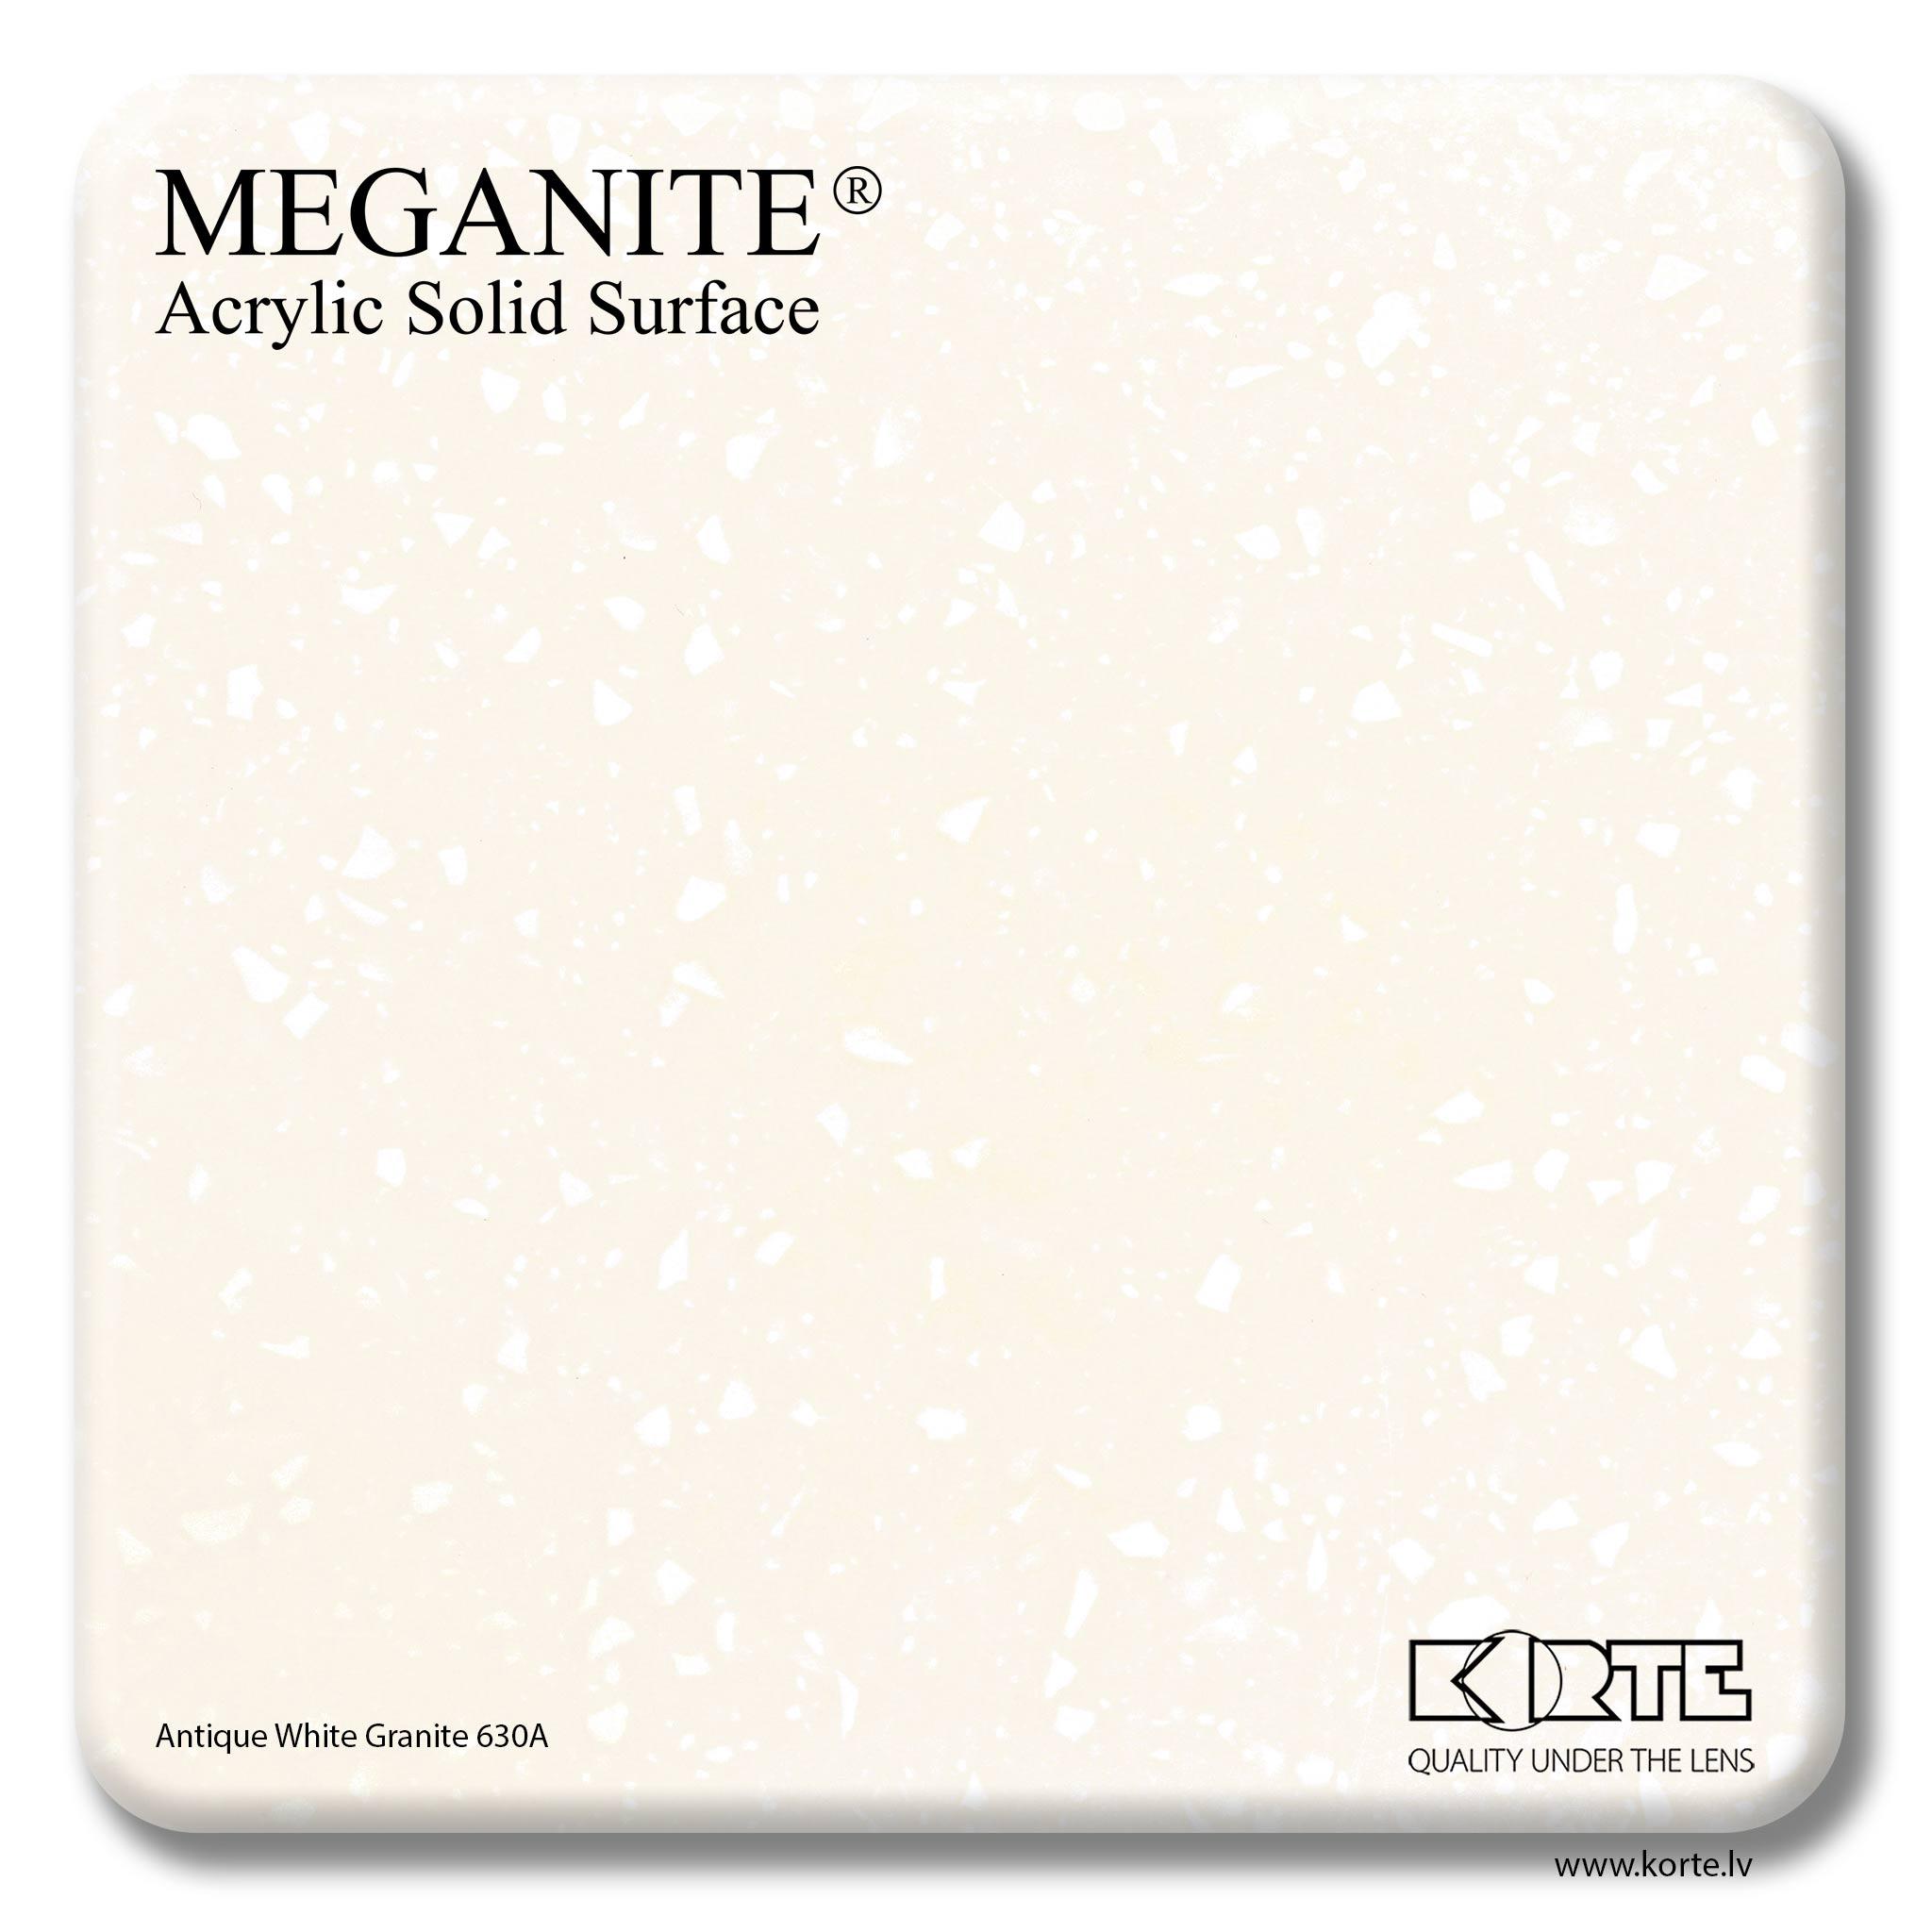 Meganite Antique White Granite 630A